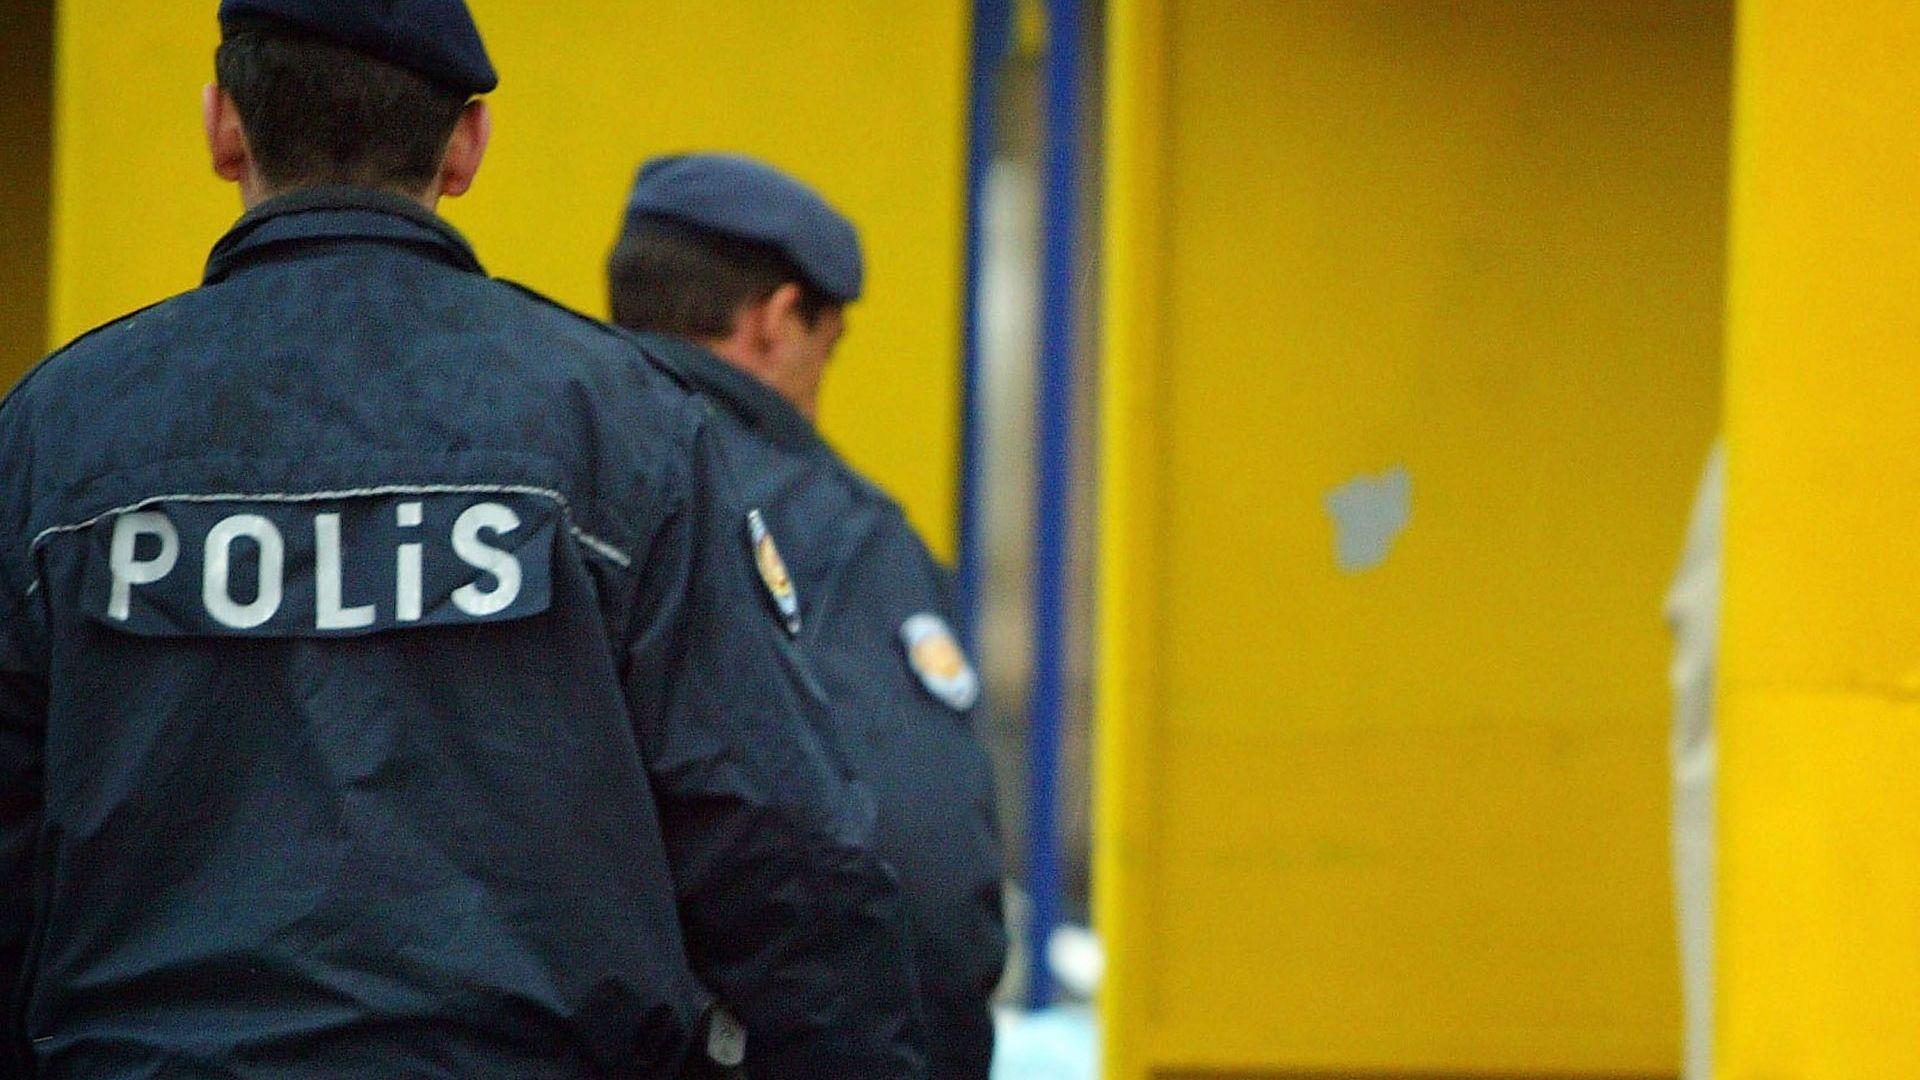 Двама български граждани, на 45 и 37 години, са задържани